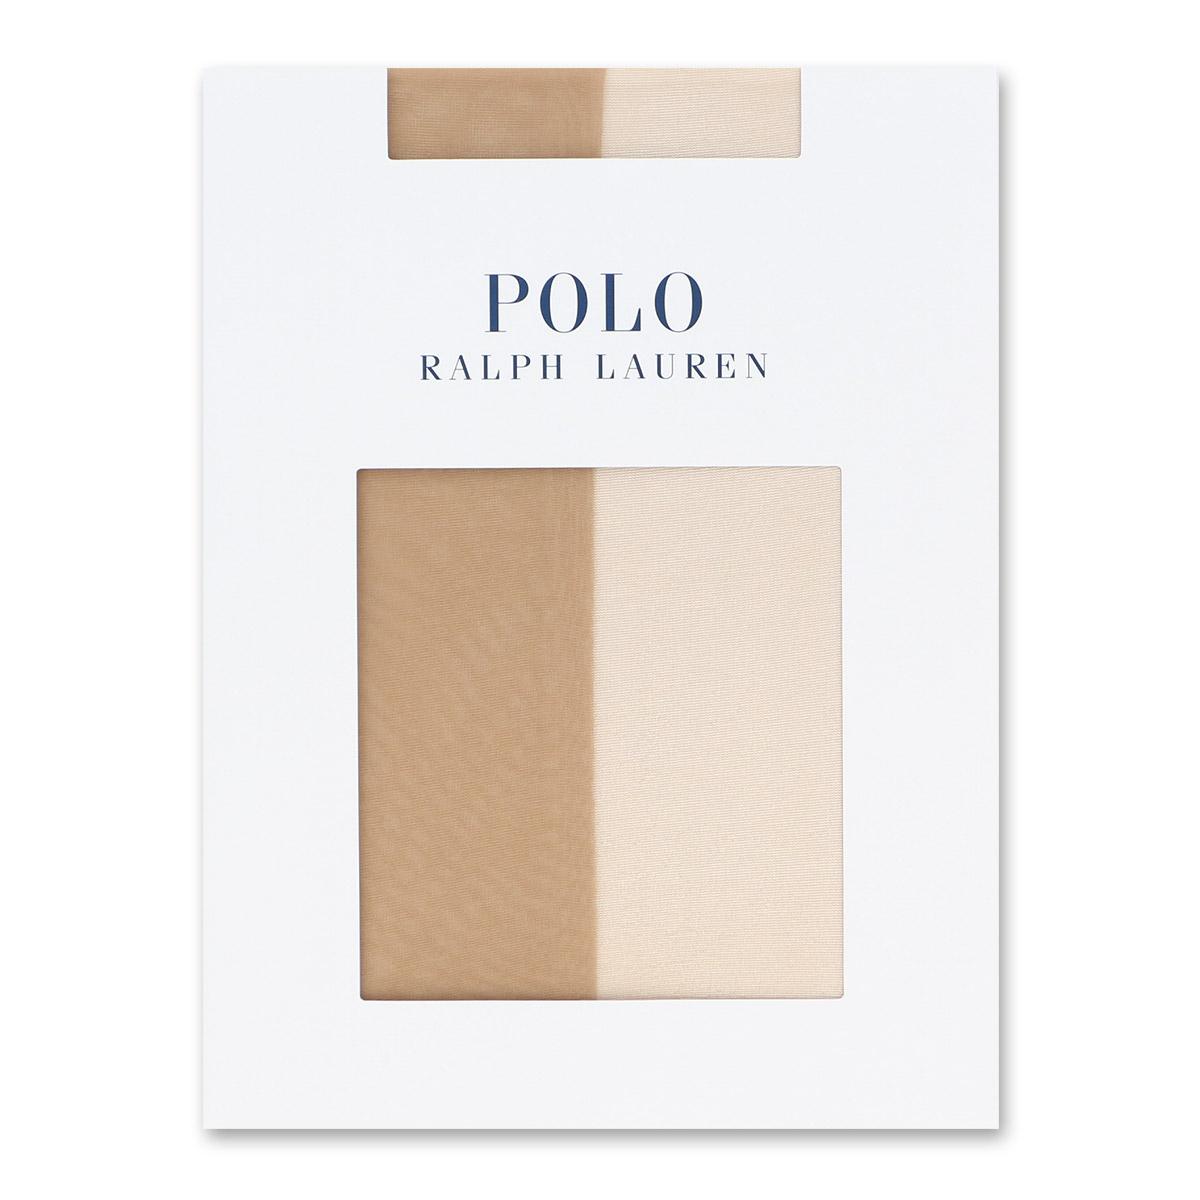 POLO RALPH LAUREN ポロ ラルフローレン レディース ソックス 日本製 プレーン ウルトラシアーサポート 01832555 (1832111)